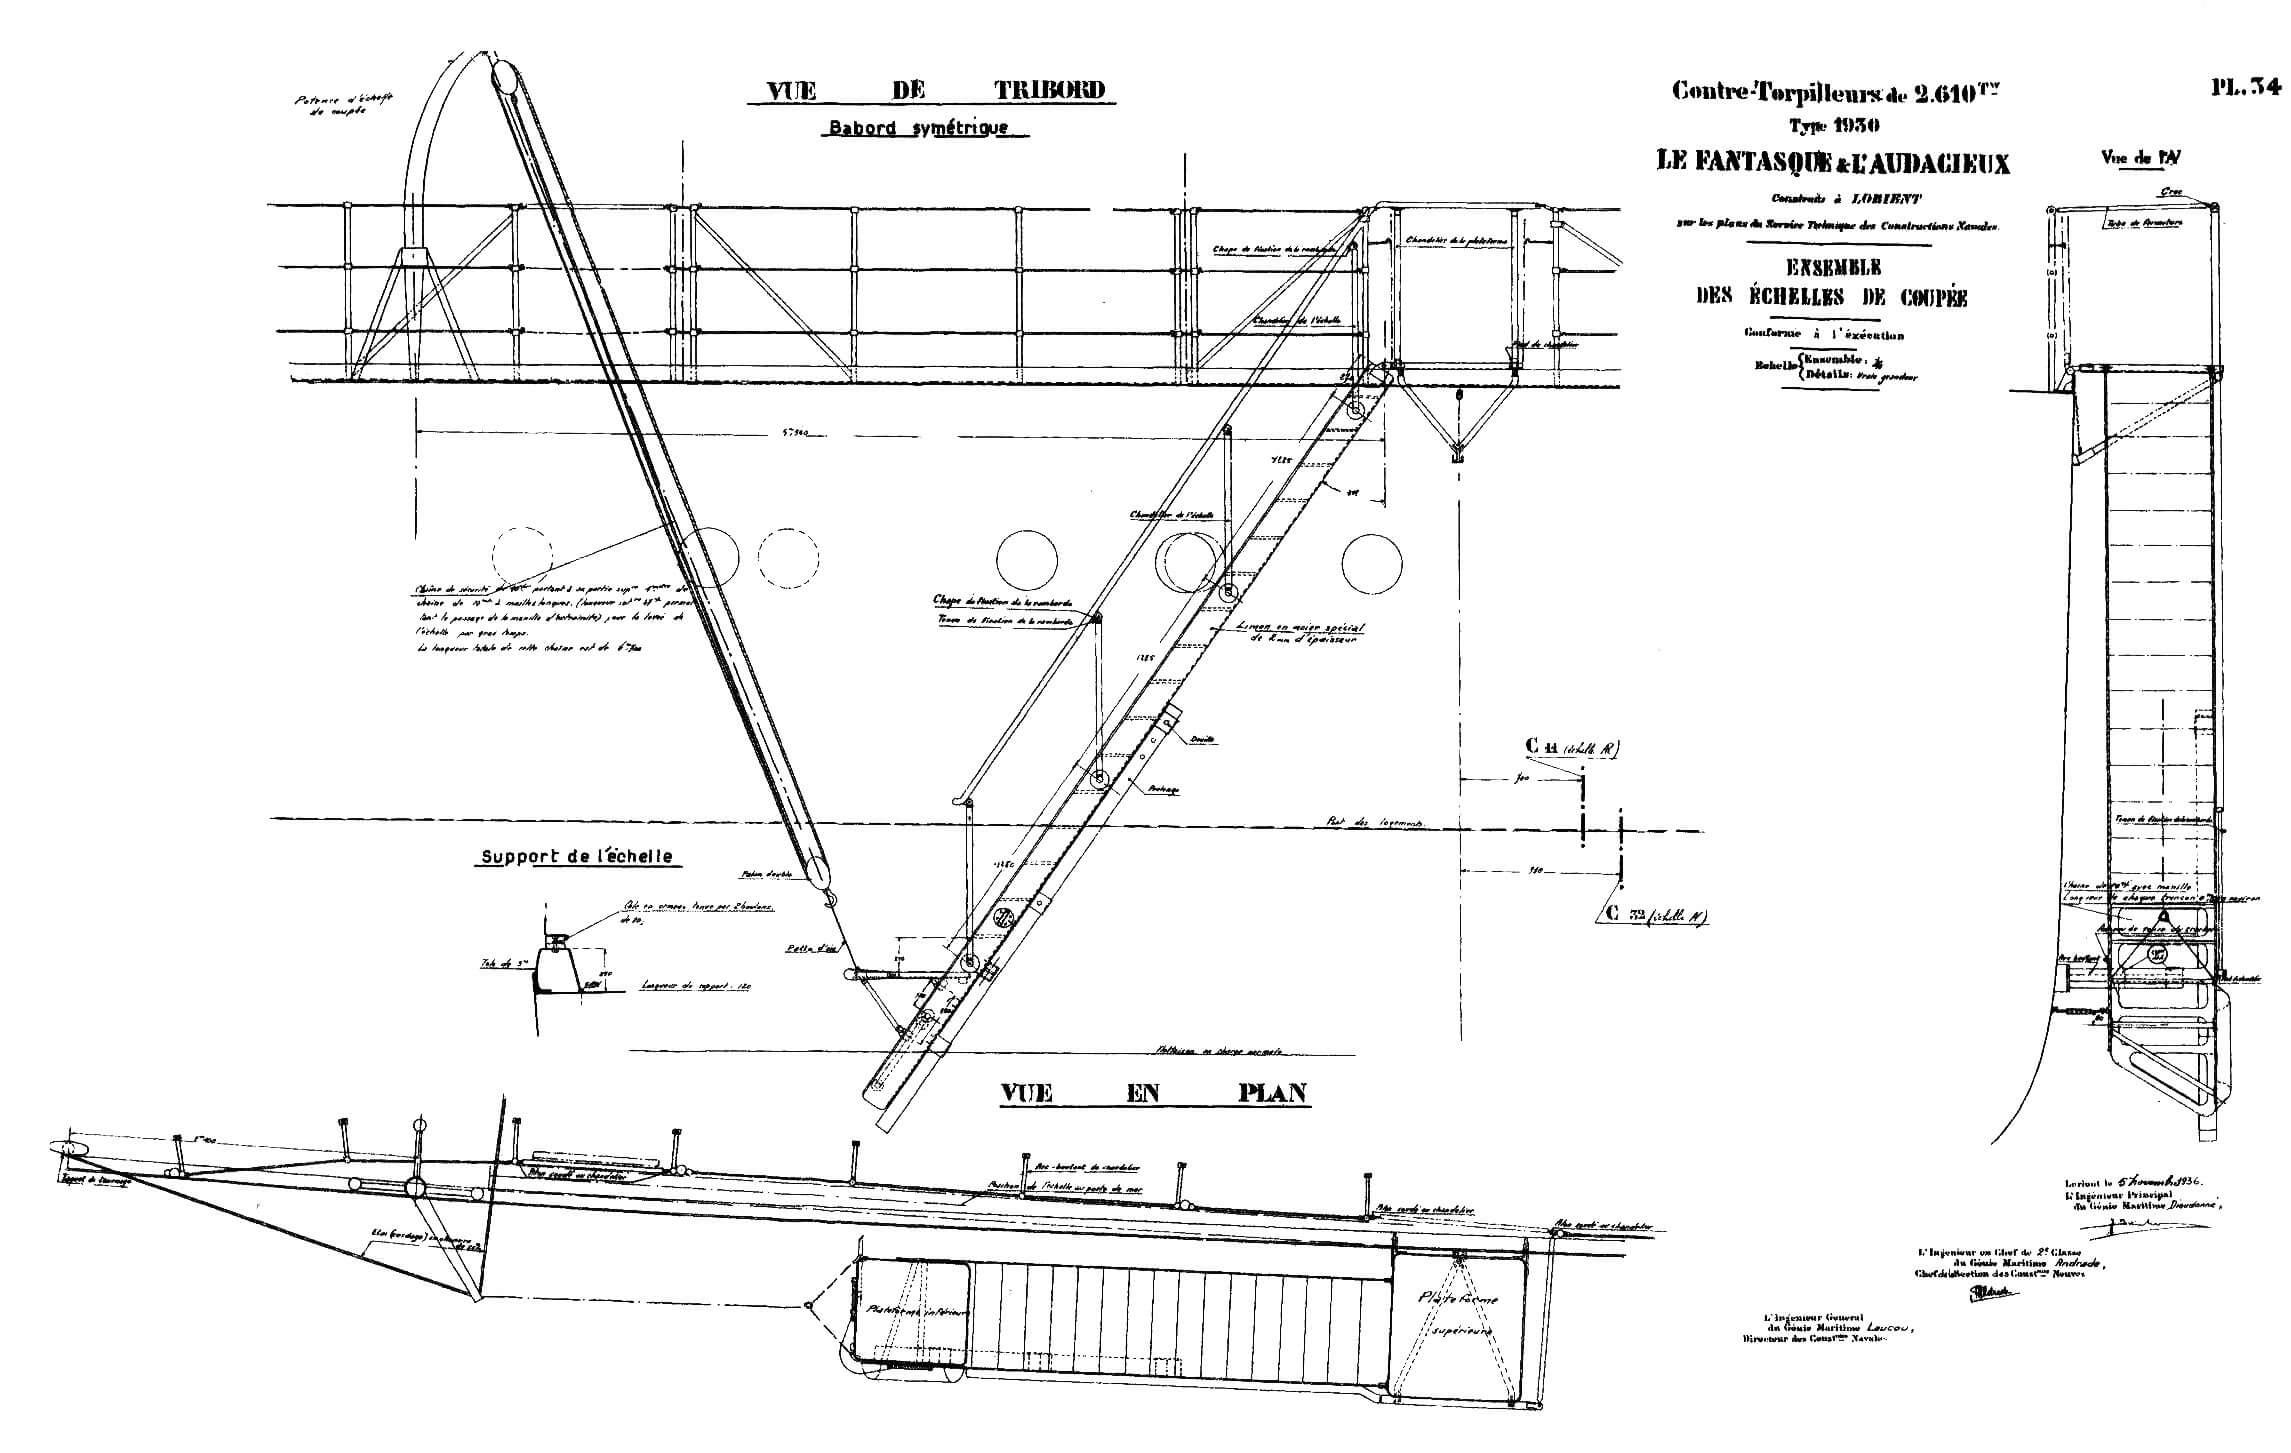 Конструкция и размещение сходного («парадного» трапа на лидерах «Ле Фантаск» и «Л'Одасьё»